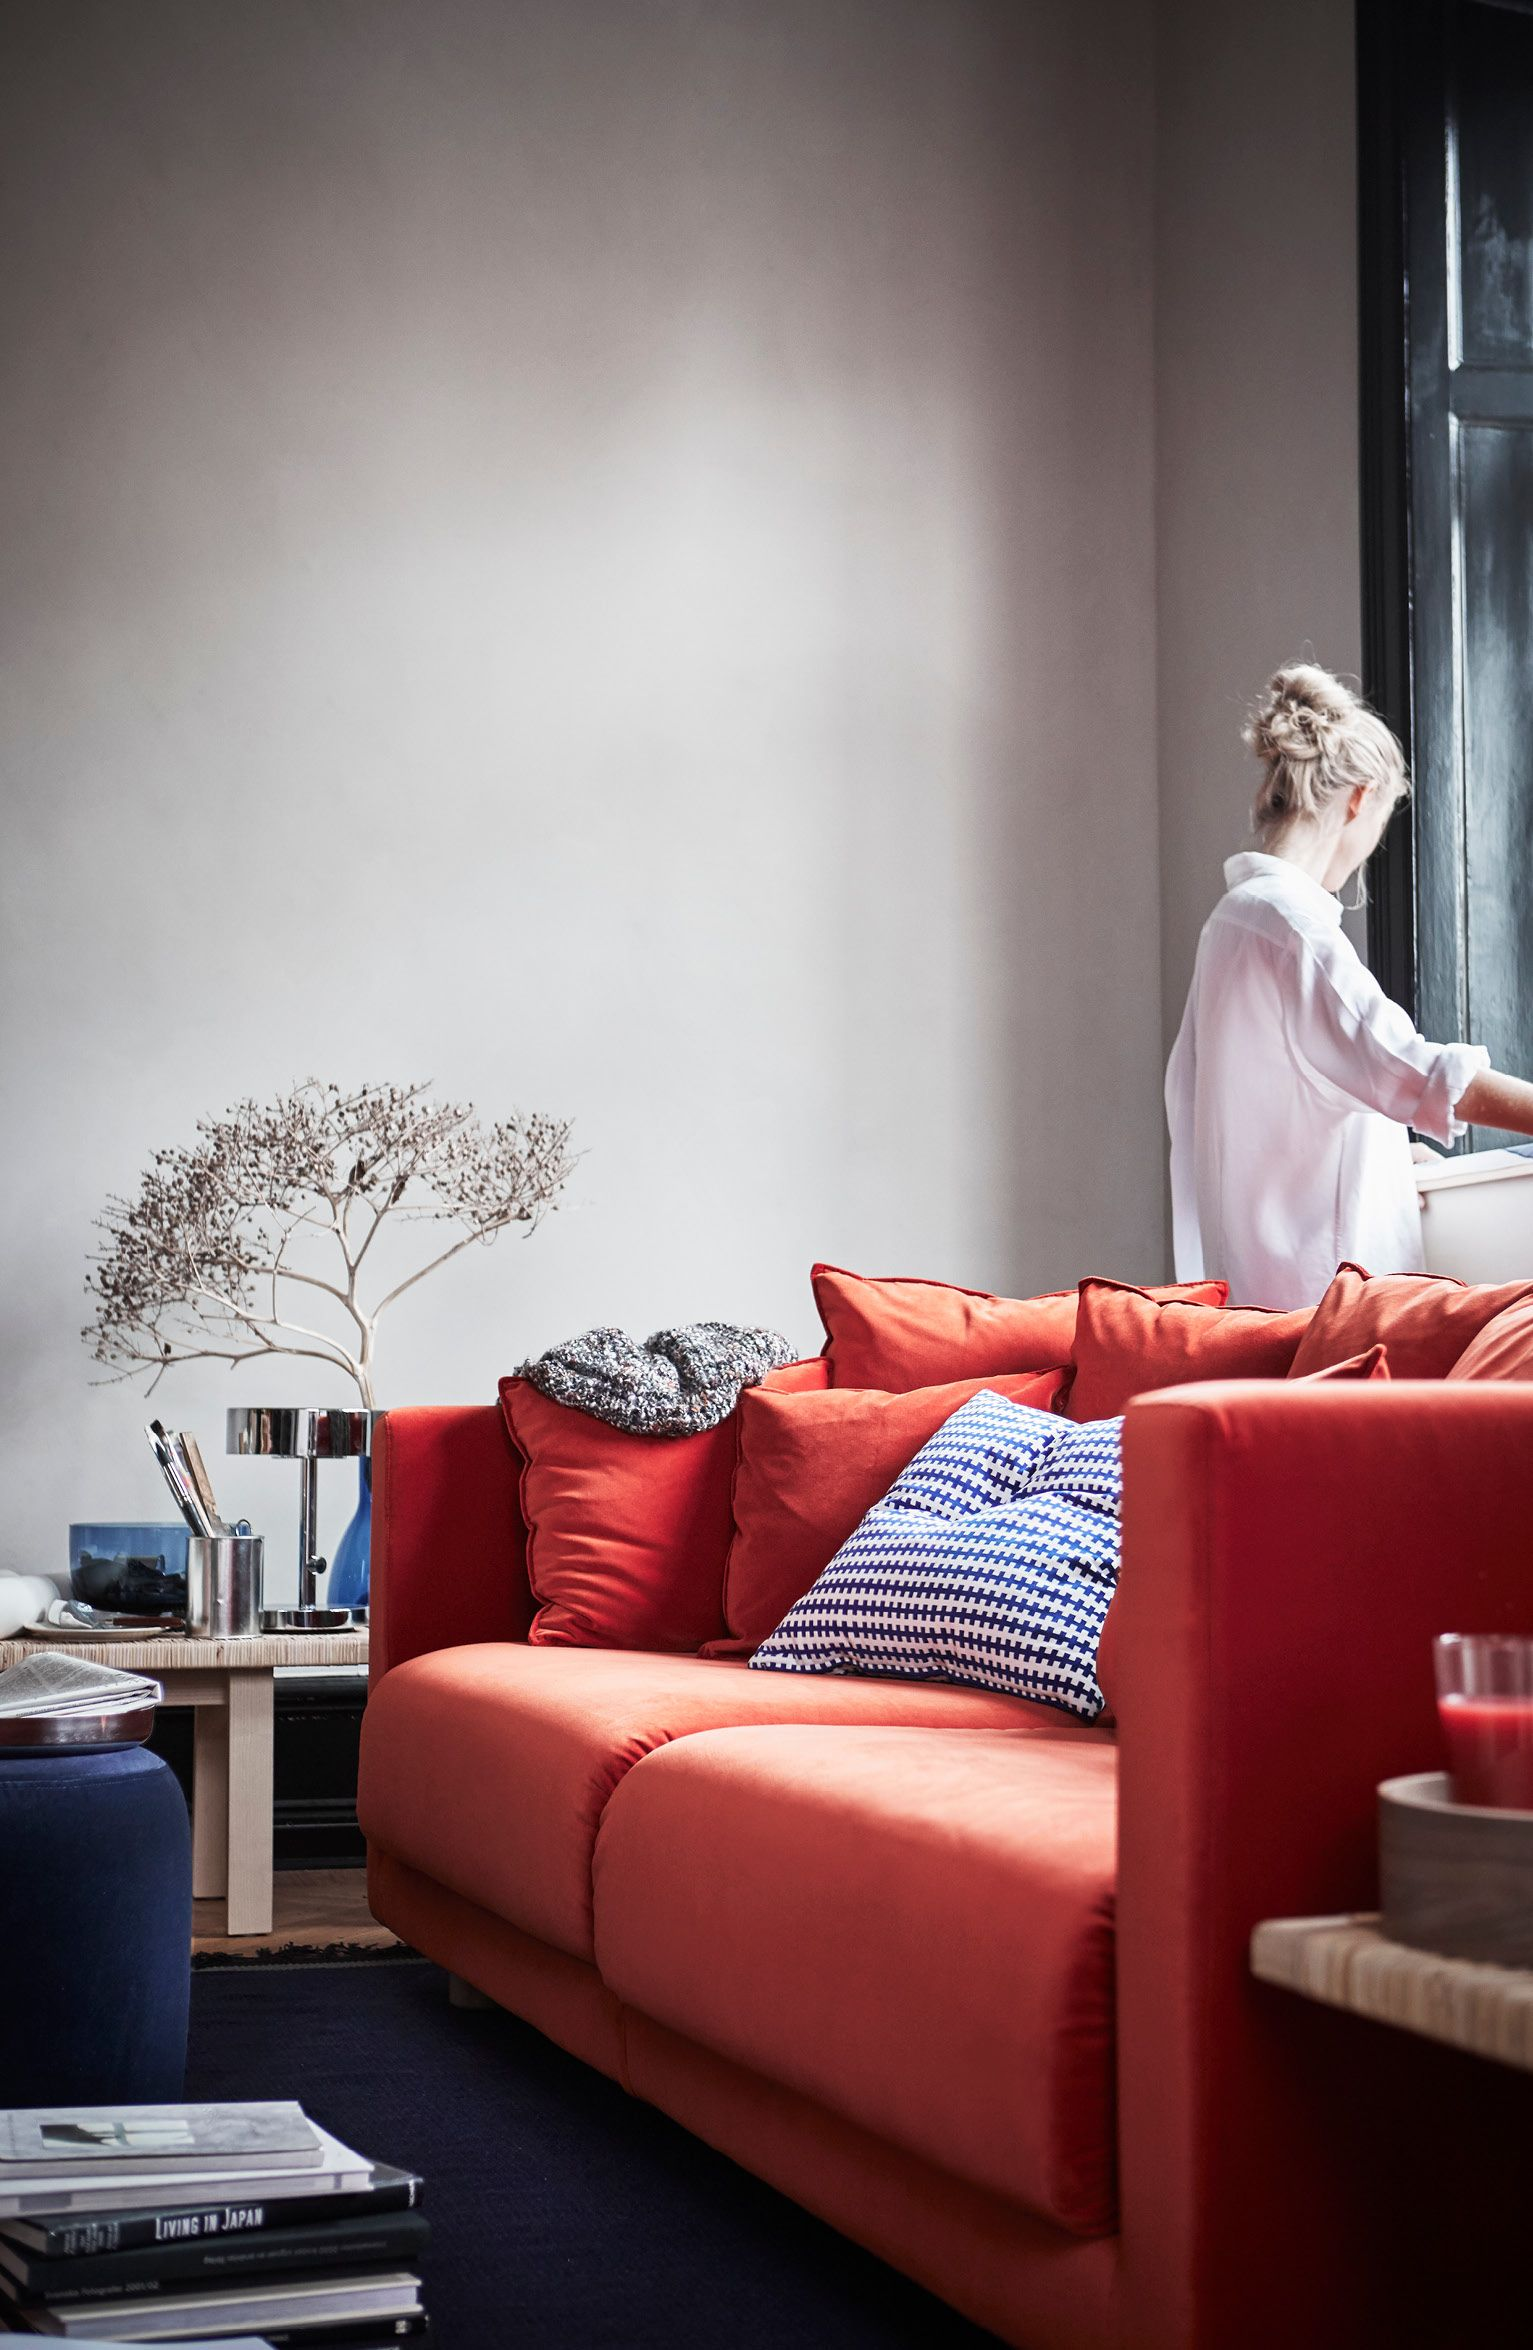 Mach es dir gemütlich - und genieß dein Zuhause. Mit unserer STOCKHOLM 2017 Kollektion. Ab April bei IKEA.